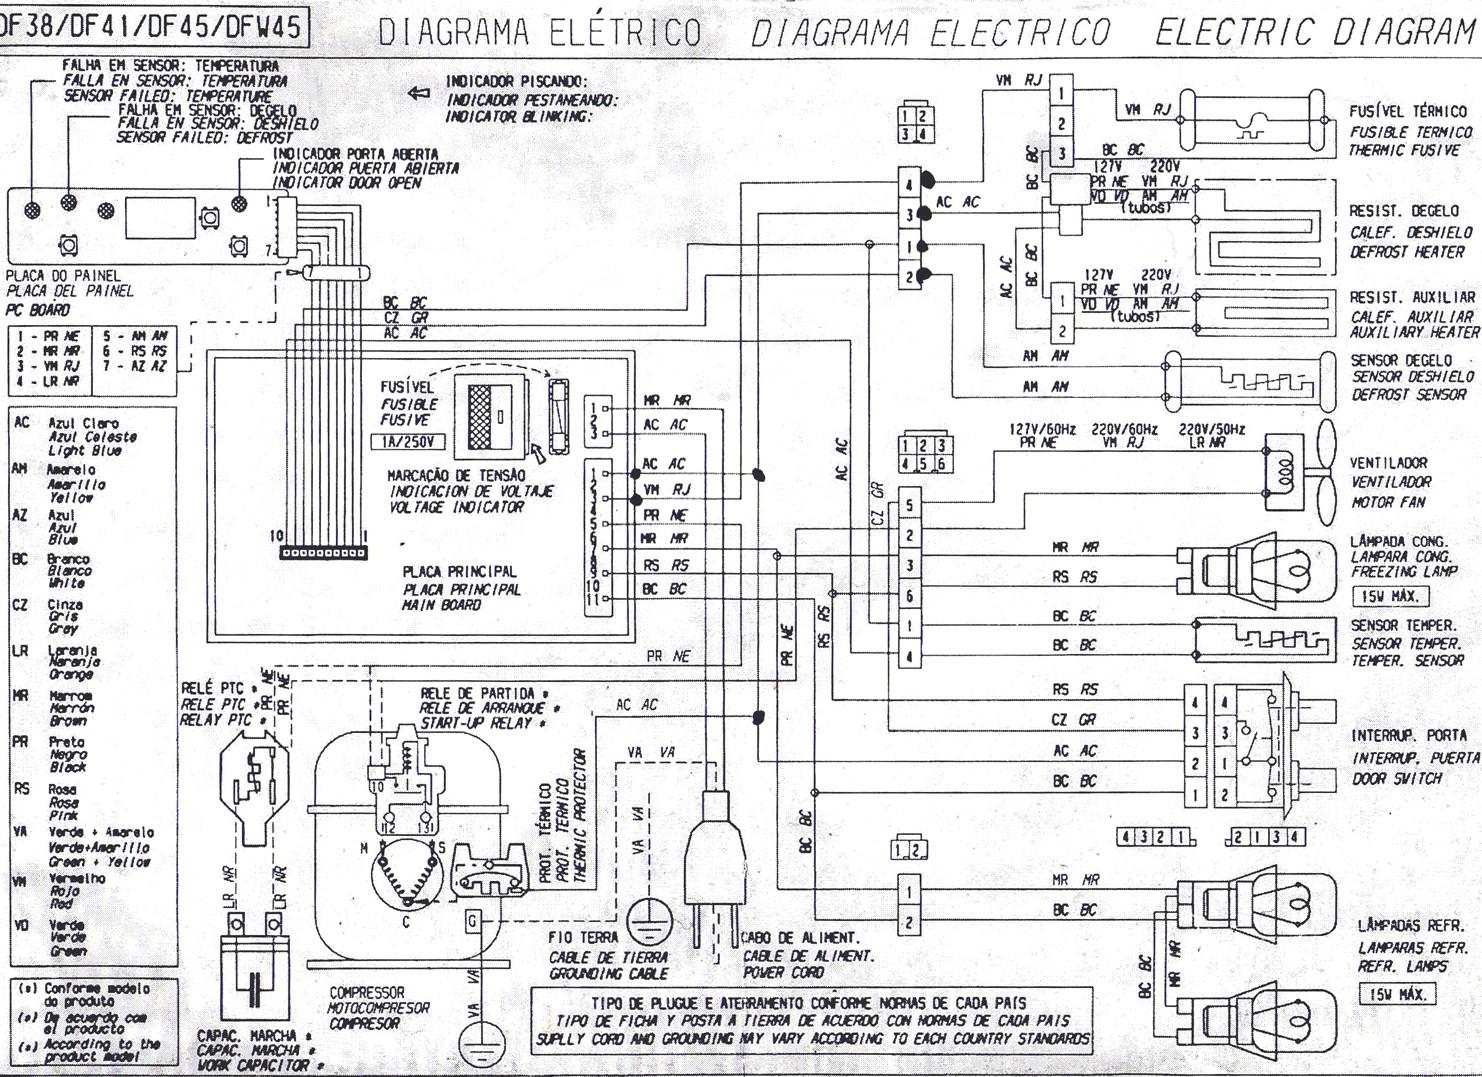 Solucionado Diagrama Electrico Heladera Elecrolux Dfw 45